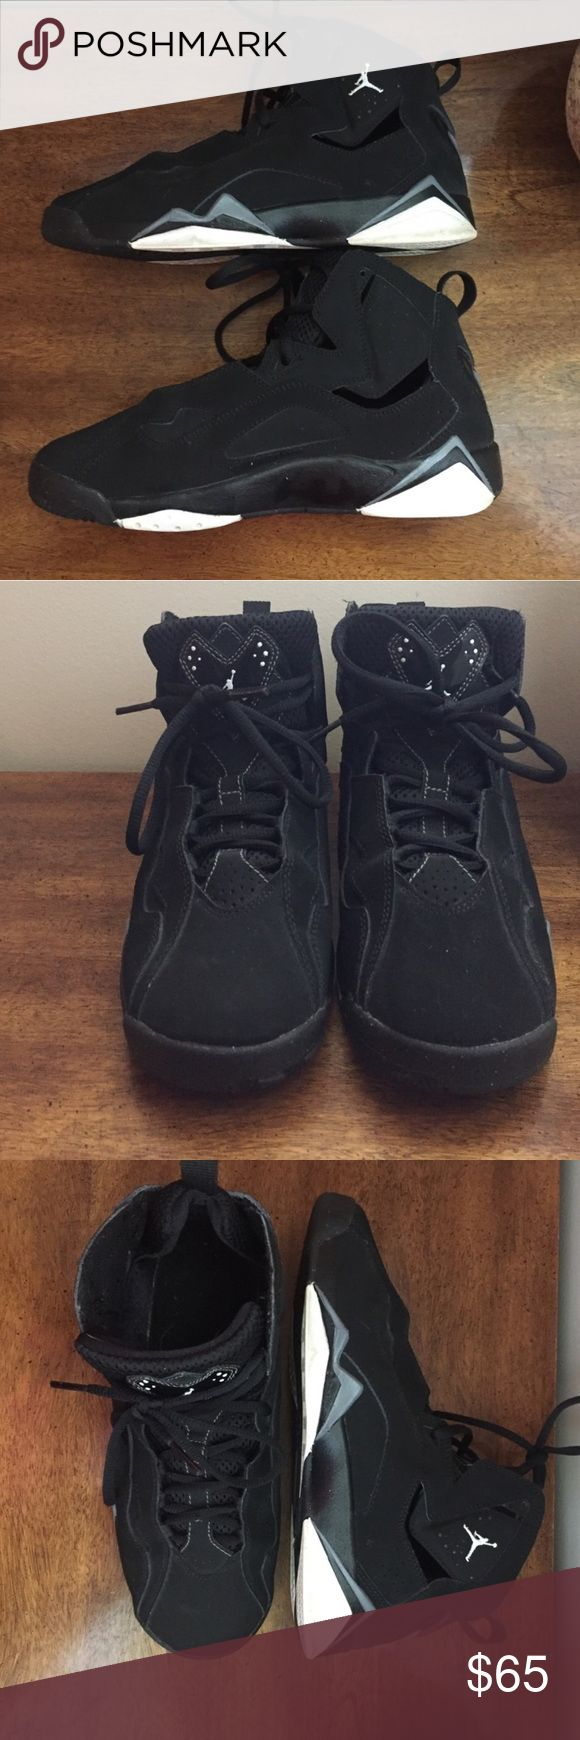 Nike Jordan True Flight Black White Black gray Nike Jordan True Flight Black White Black Cool Grey Youth Size 5 Jordan Shoes Athletic Shoes